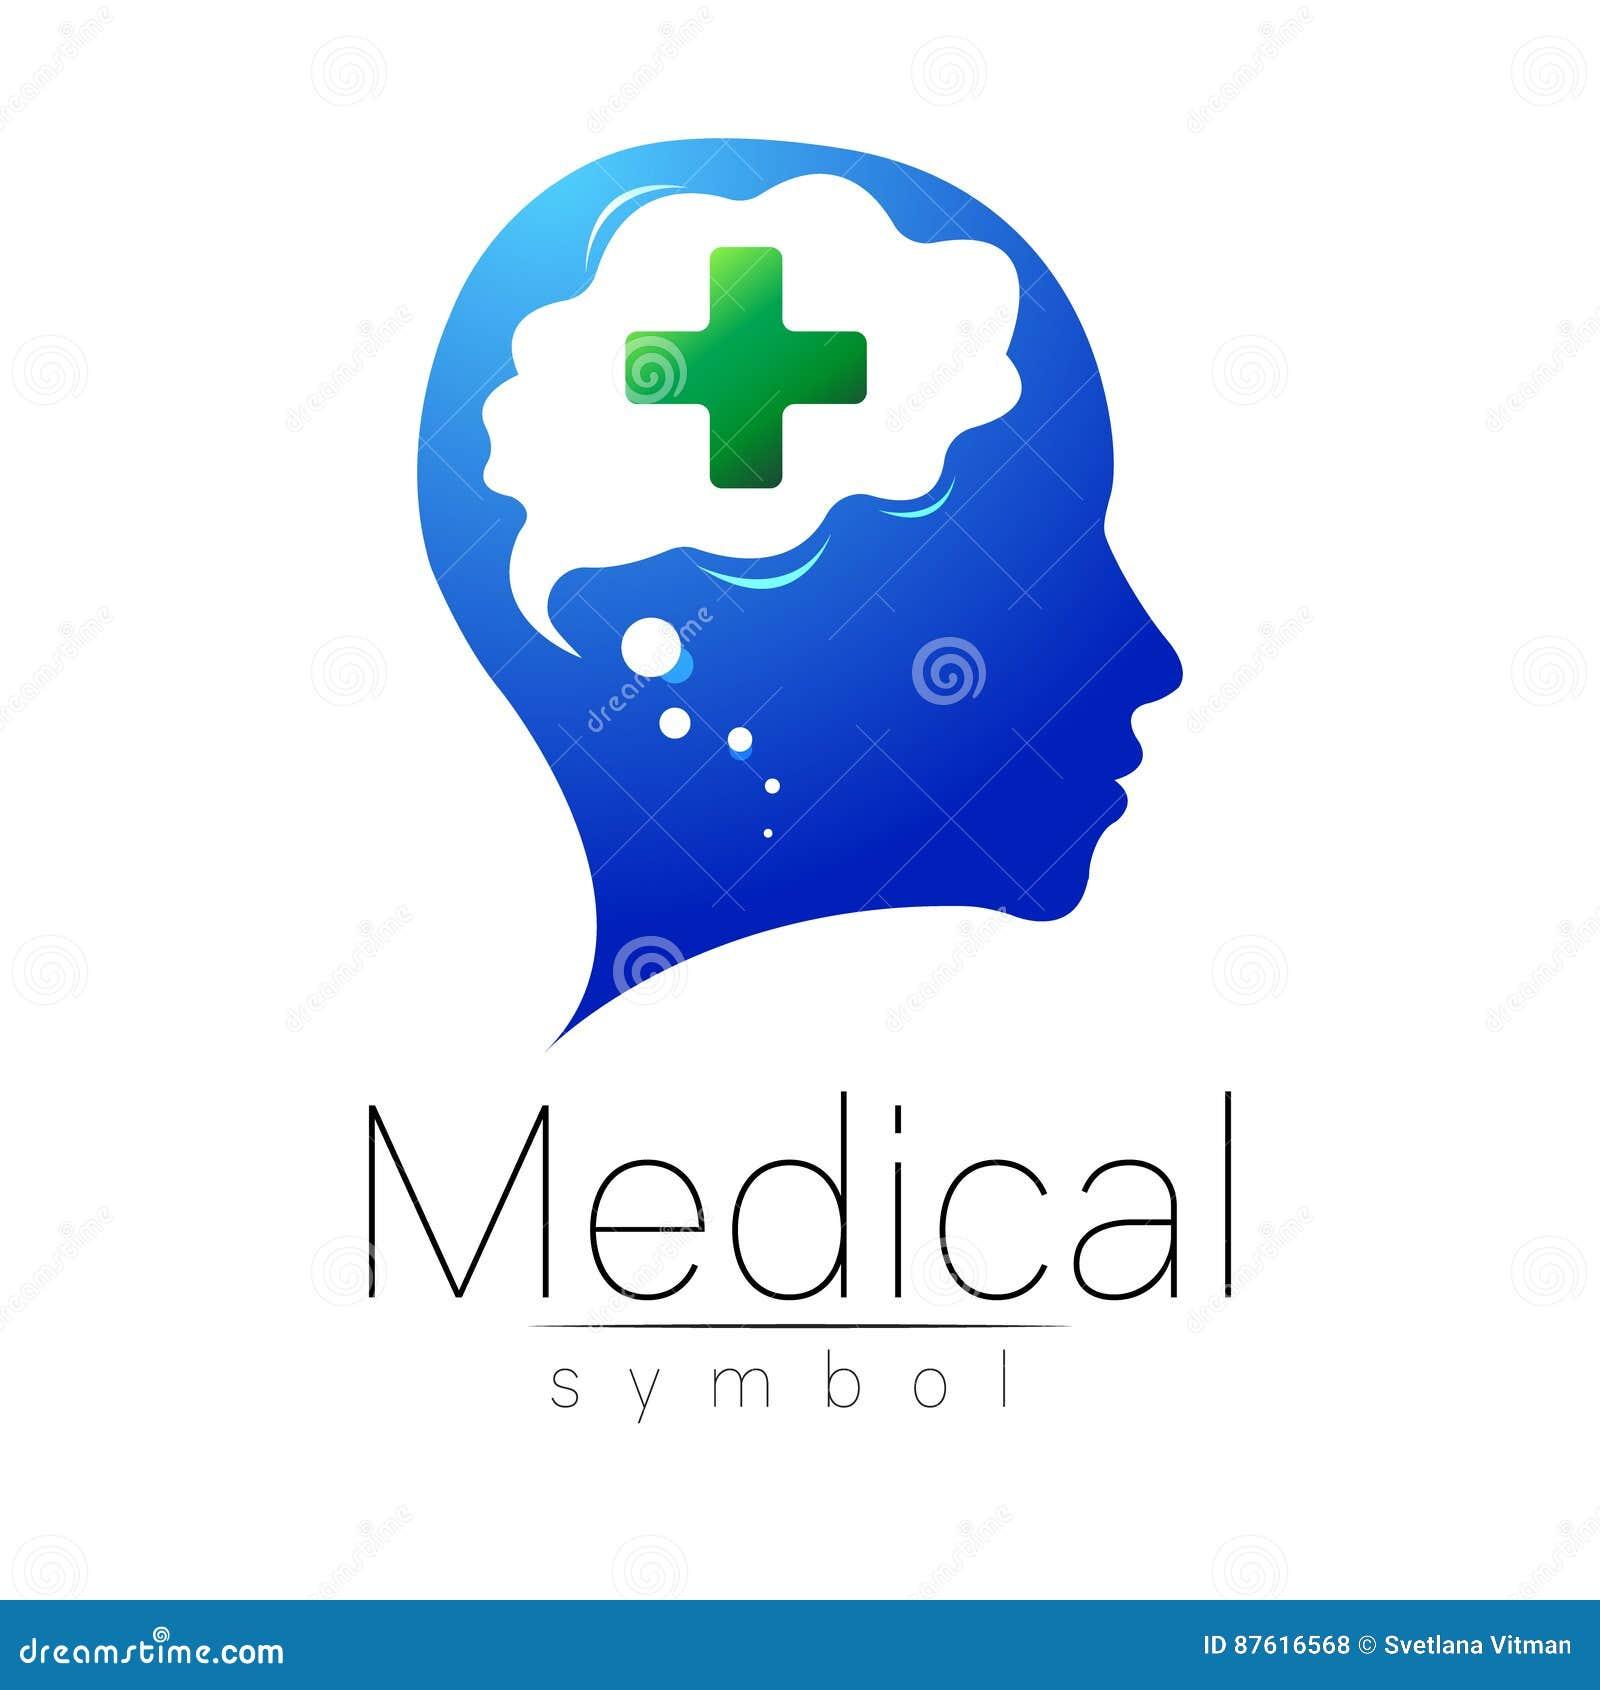 Dirigez Le Signe Mdical Avec La Croix Humain Cerveau Symbole Pour Des Mdecins Site Web Carte De Visite Icne Couleur Verte Bleue Conception